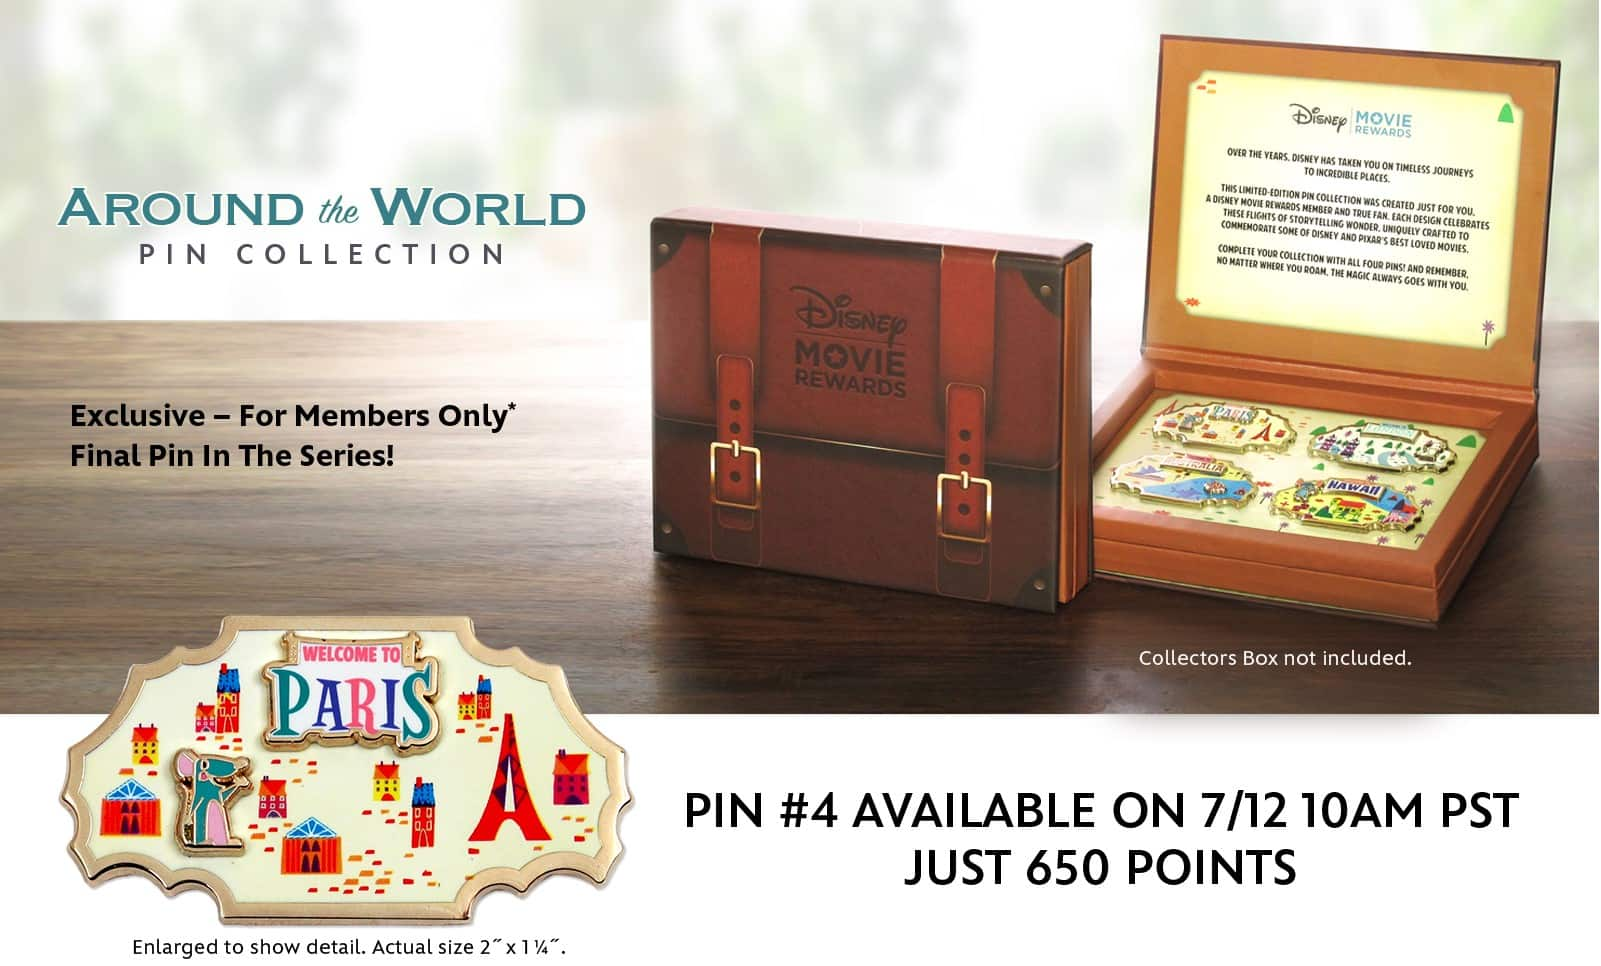 Disney Movie Rewards: Around the World Pin Collection #4 (Paris) - 650 Points